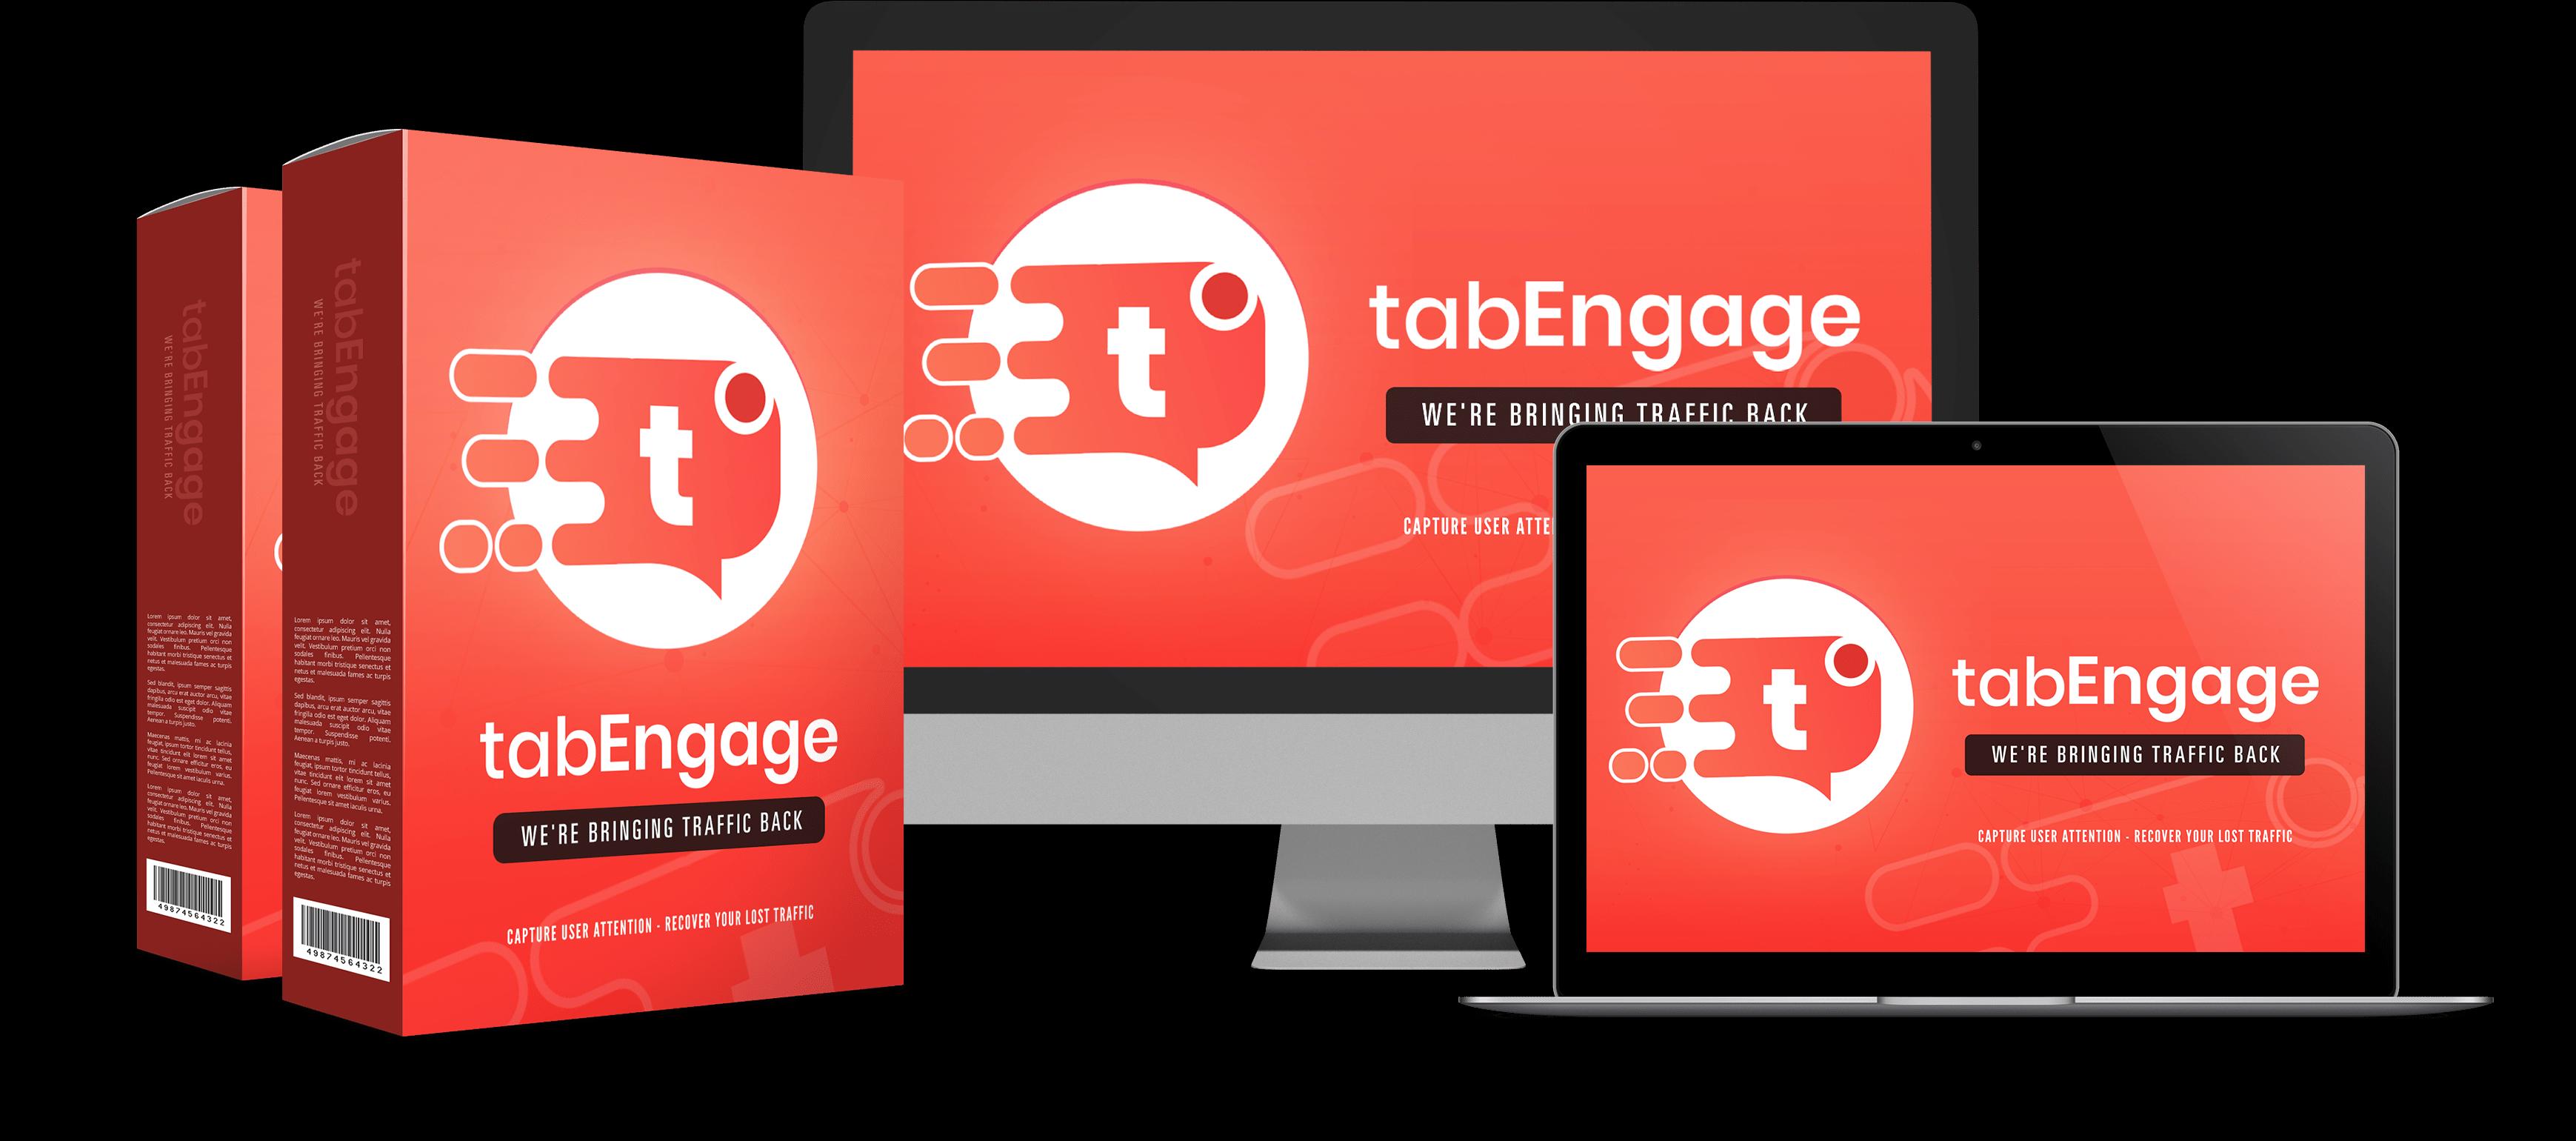 TabEngage